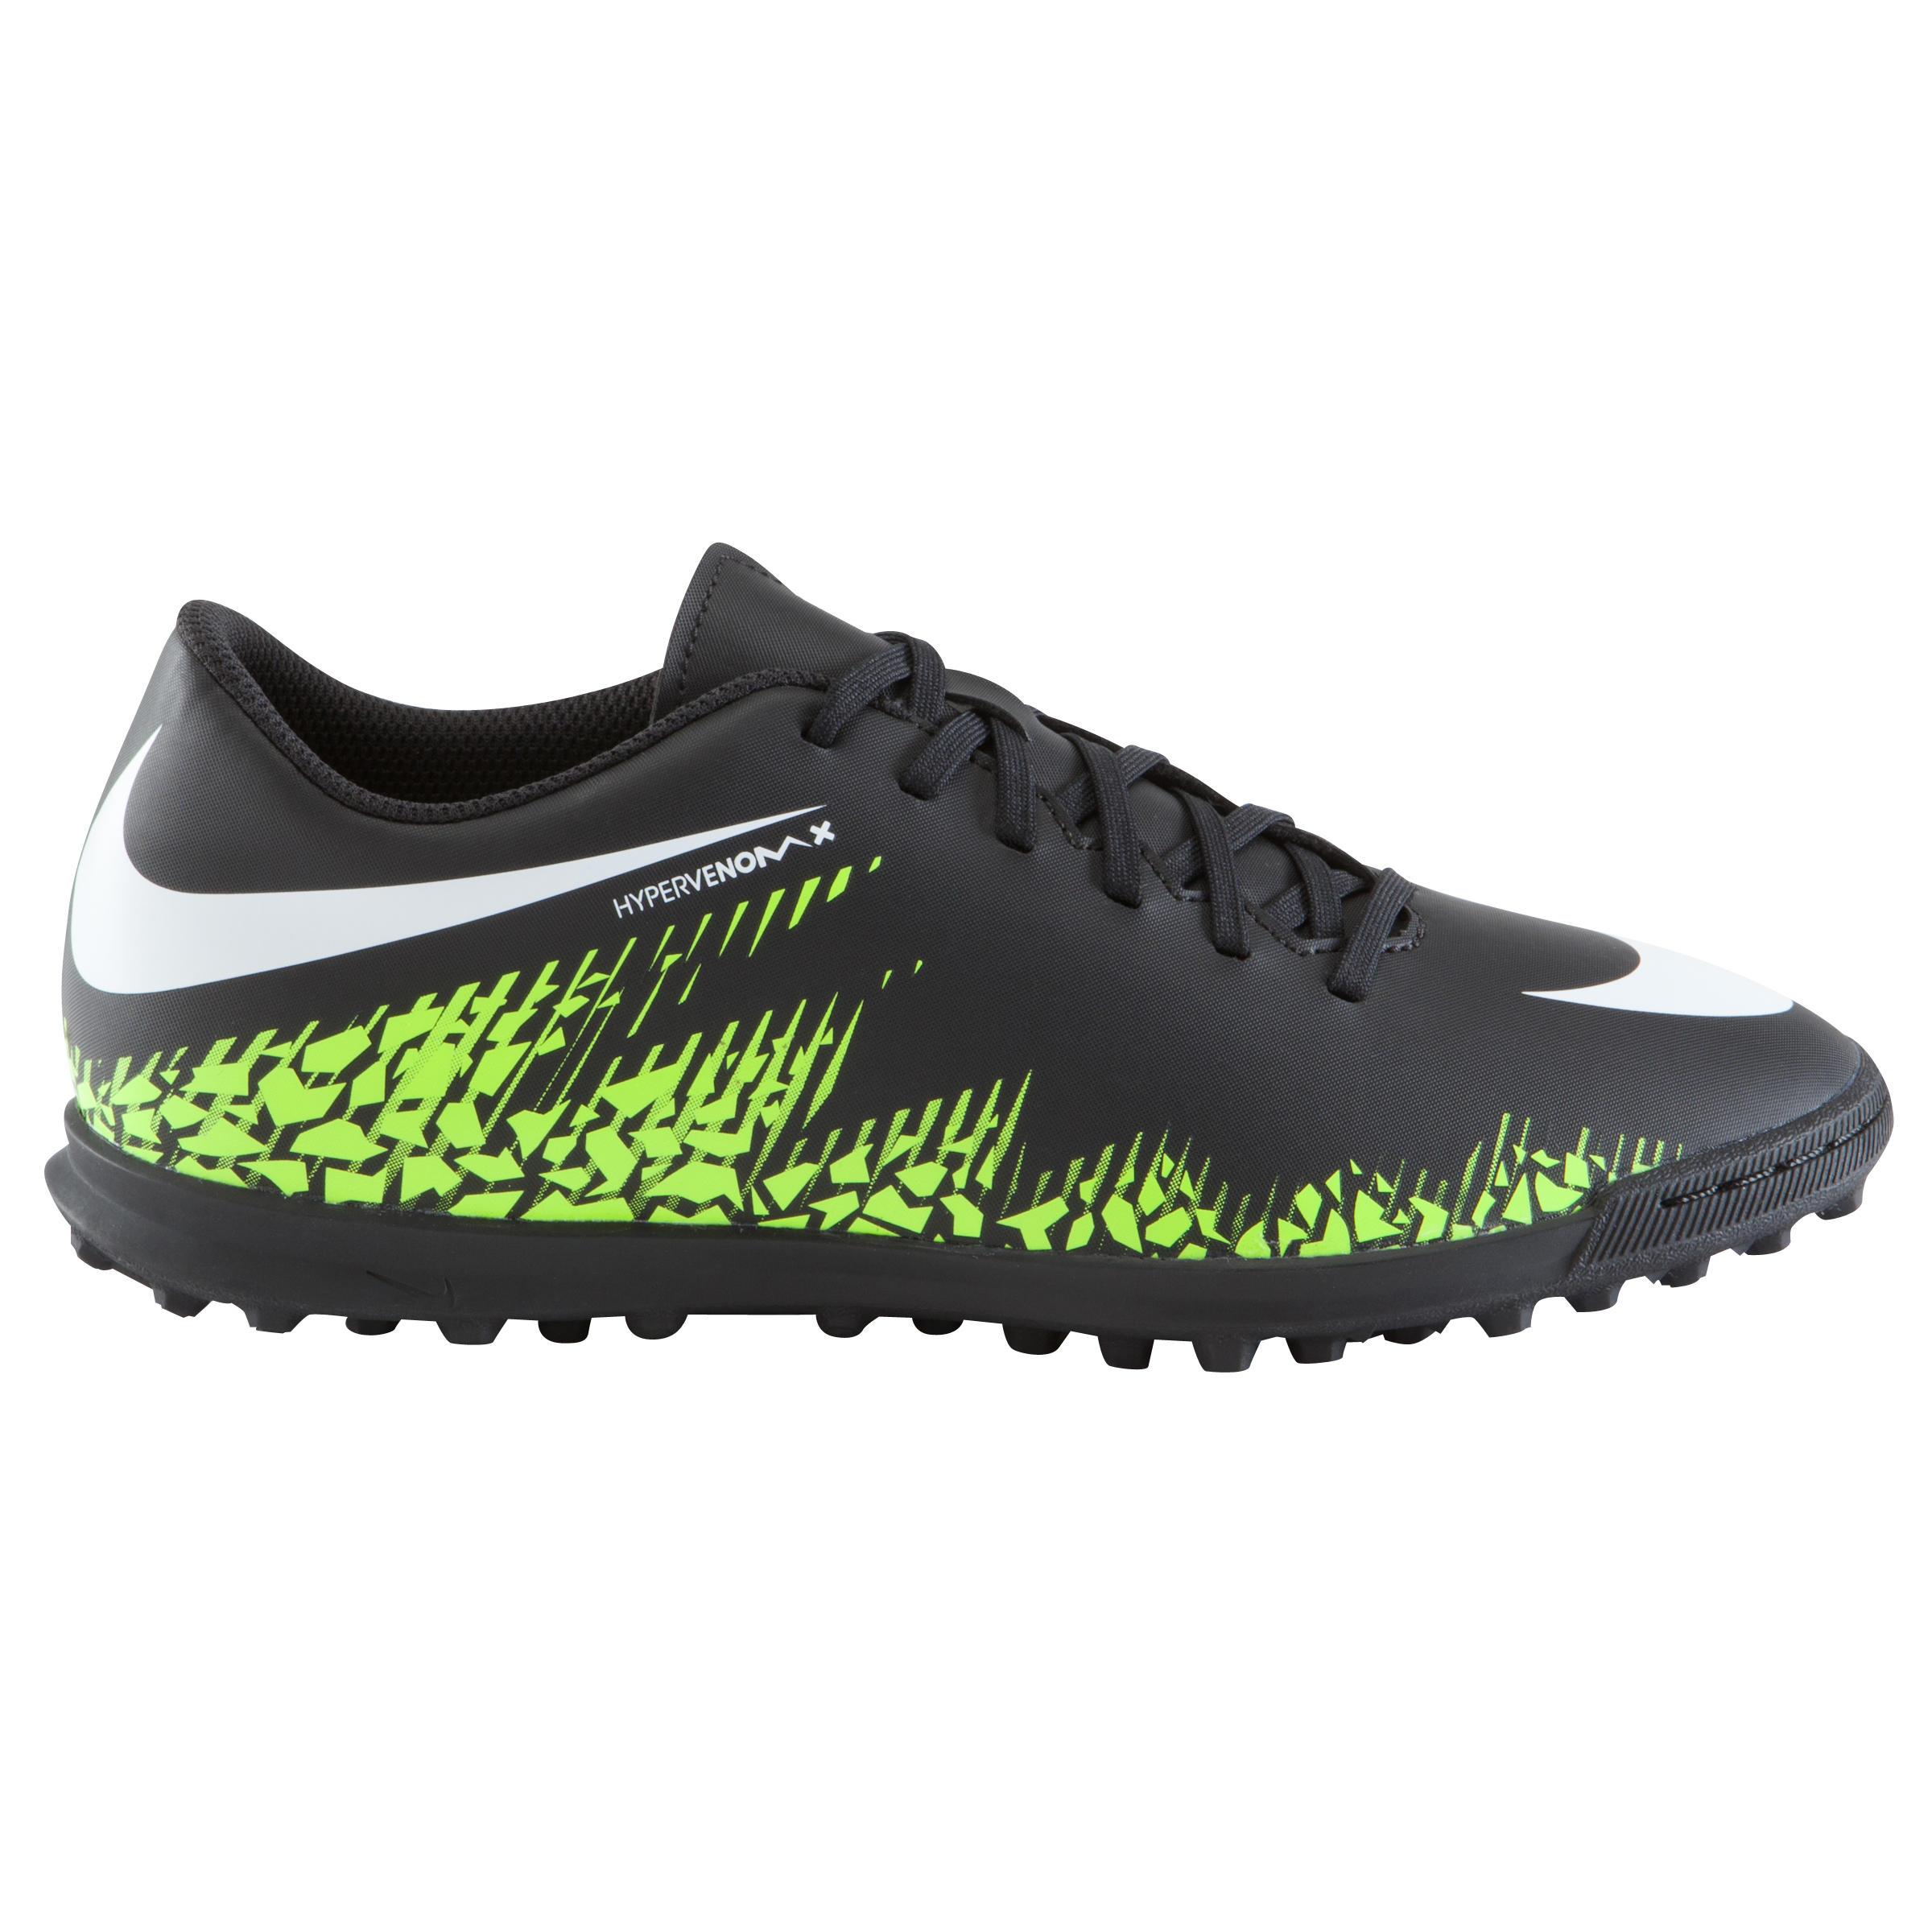 Nike Voetbalschoenen Hypervenom Phade TF voor kinderen, zwart